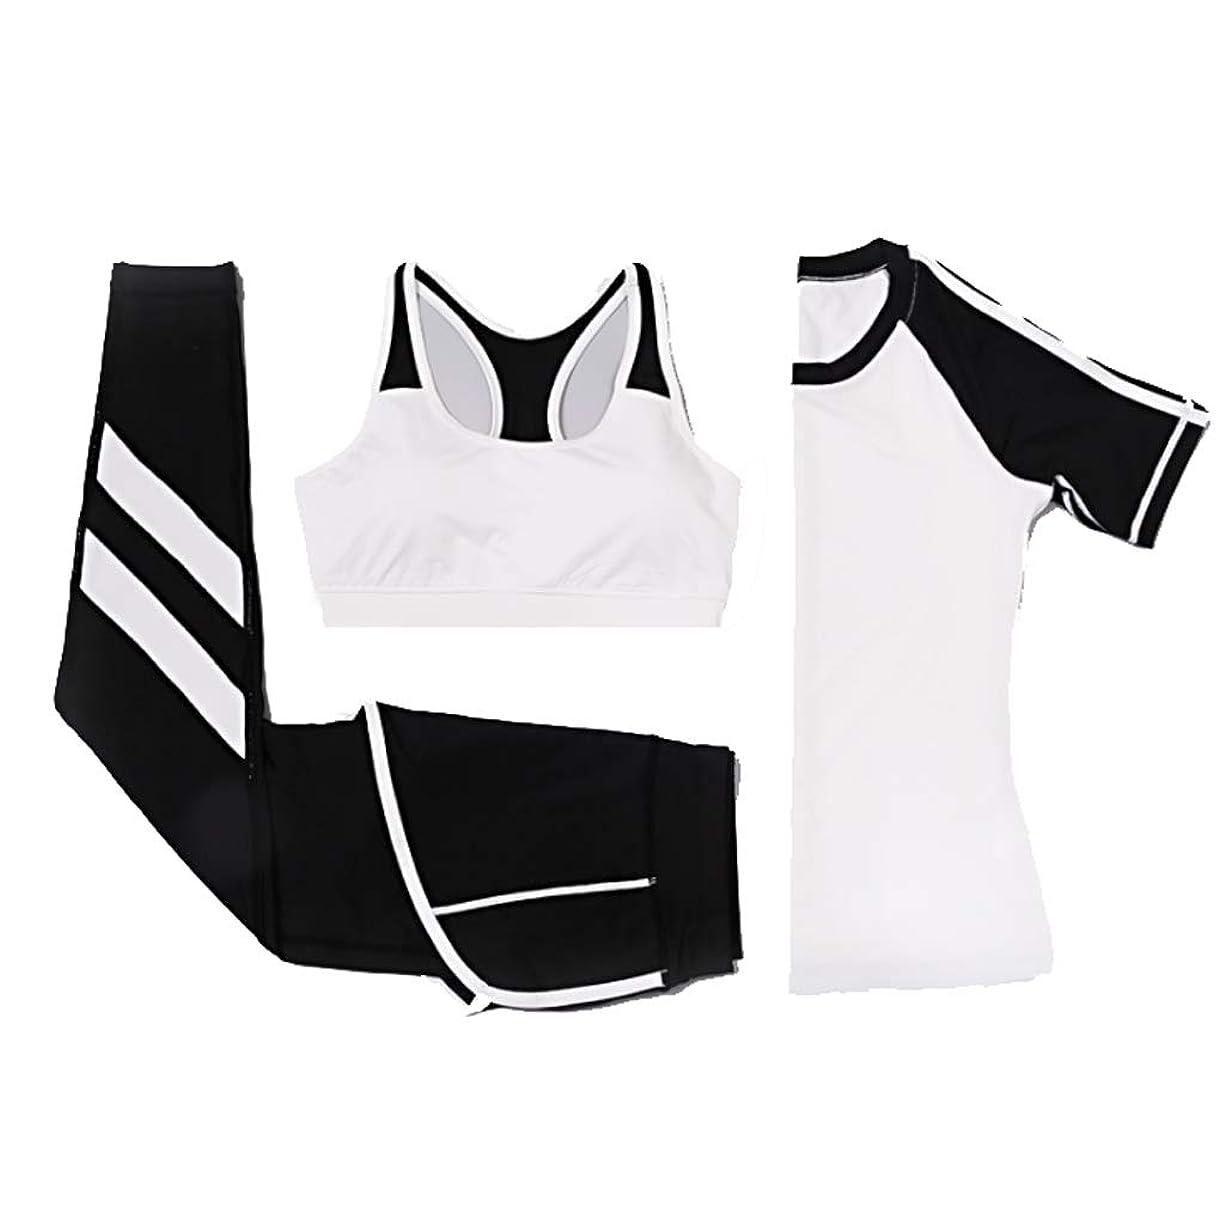 割り込み誘う戦う女性のヨガウェア屋外スポーツランニング服速乾性フィットネススーツベストフィットネススーツスーツヨガスリーピース (Color : 4, Size : L)